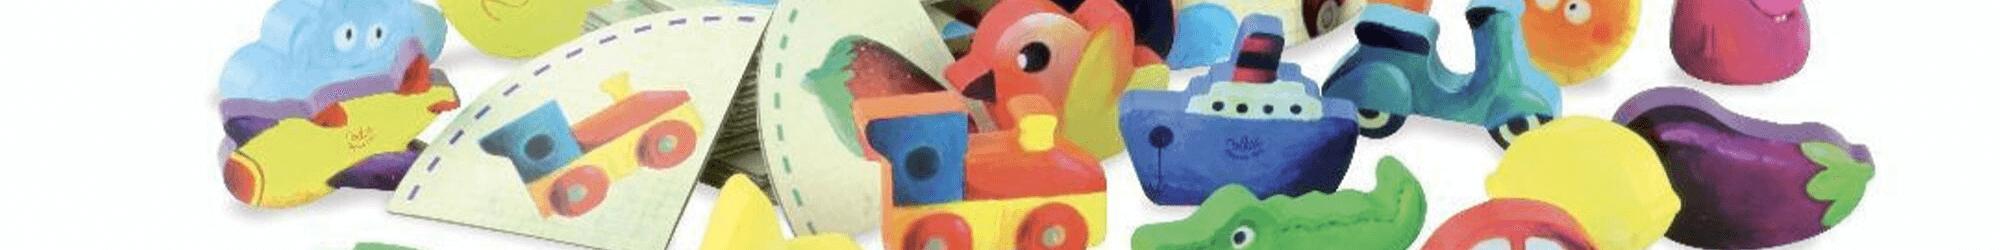 Speelgoedwinkel Daantje houten speelgoed vormen en sorteren